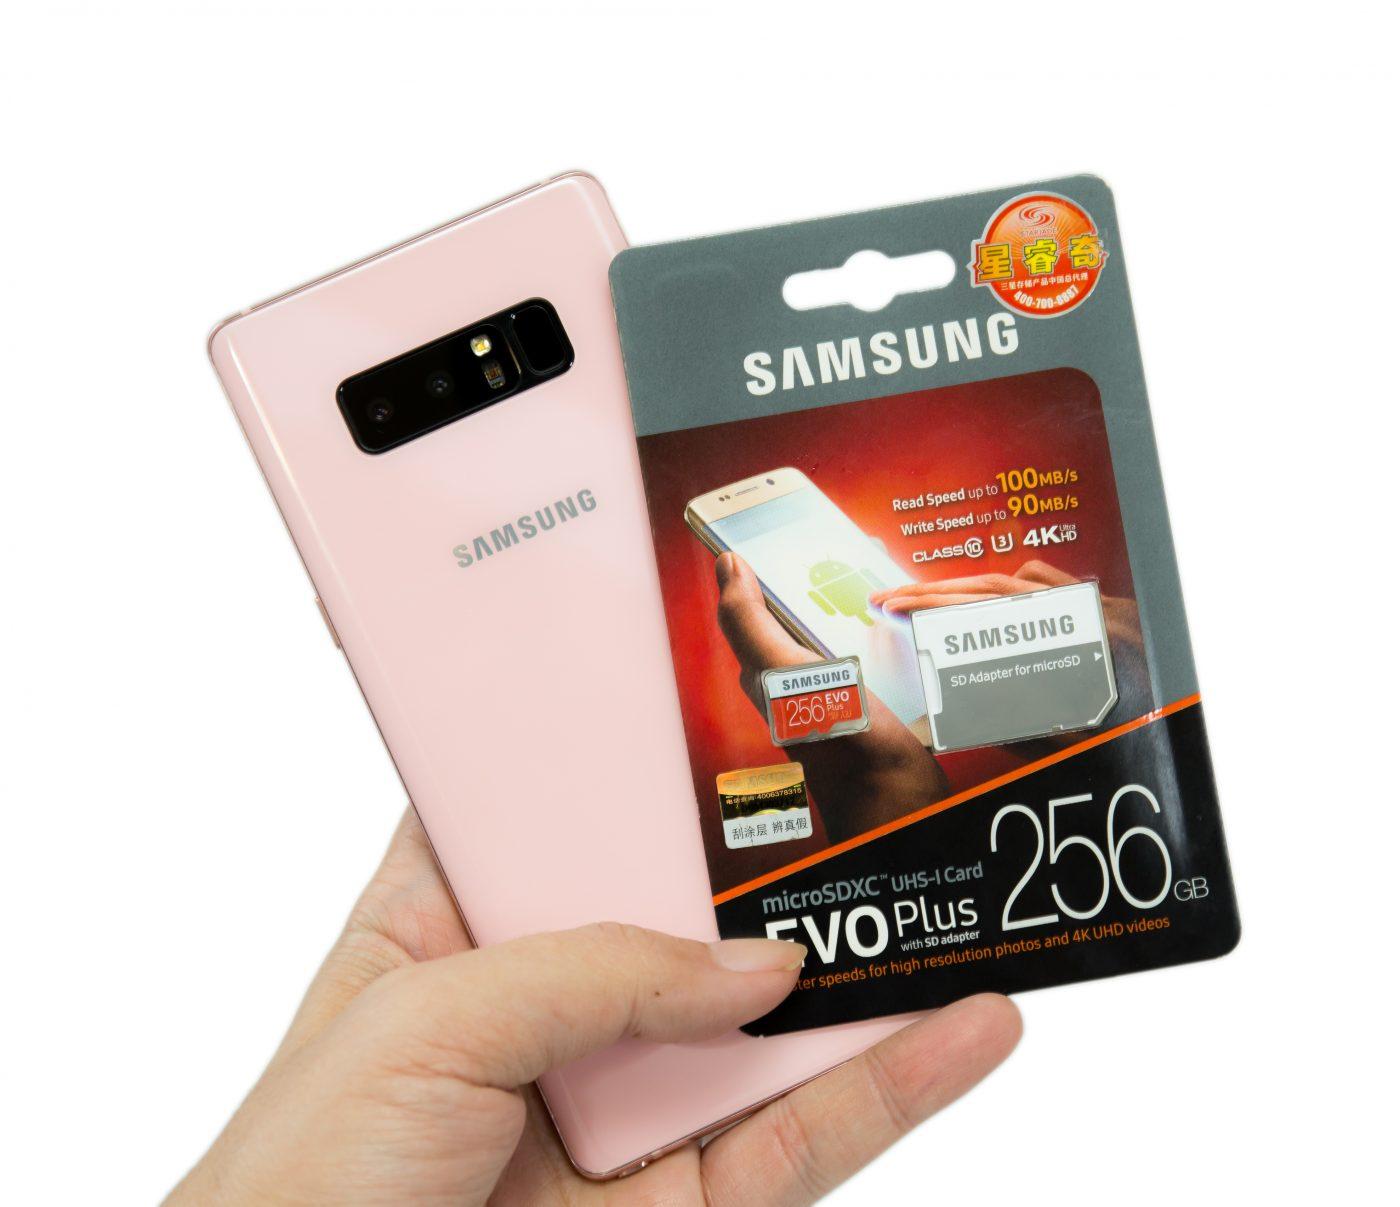 想幫 Note 8 擴充容量?!三星 256GB 高速 EVO Plus UHS-1 C10 U3 記憶卡實測 @3C 達人廖阿輝